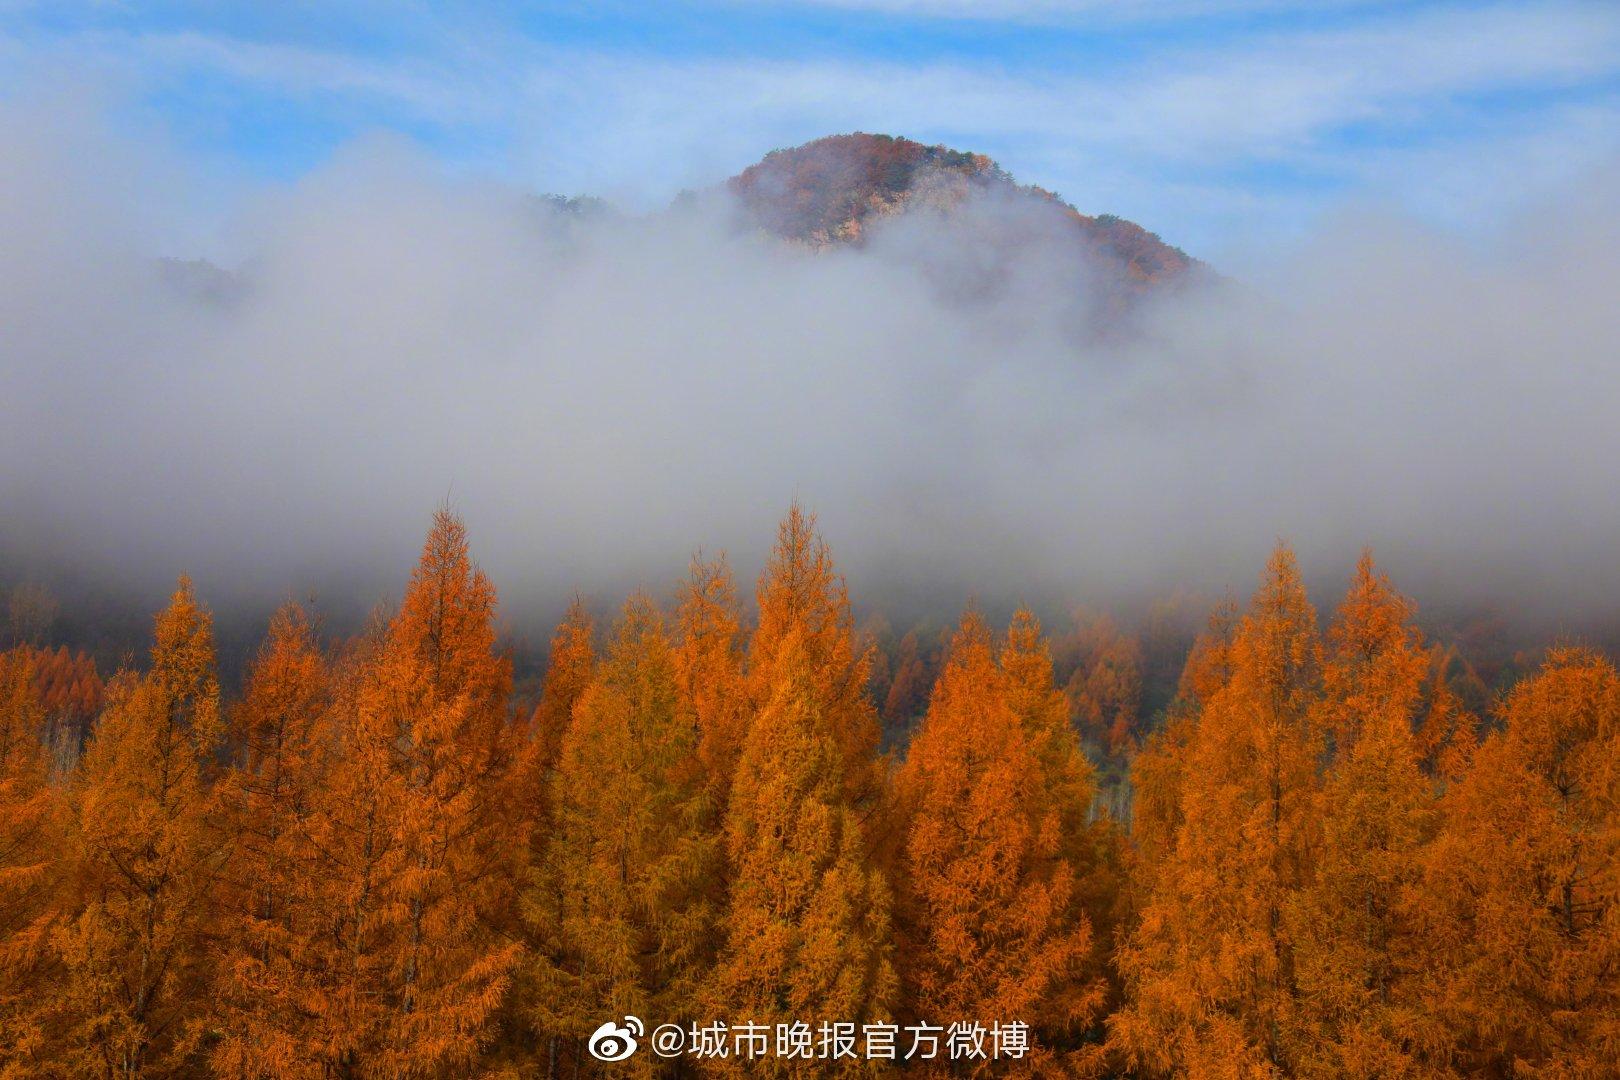 五女峰国家森林公园位于吉林省集安市北部